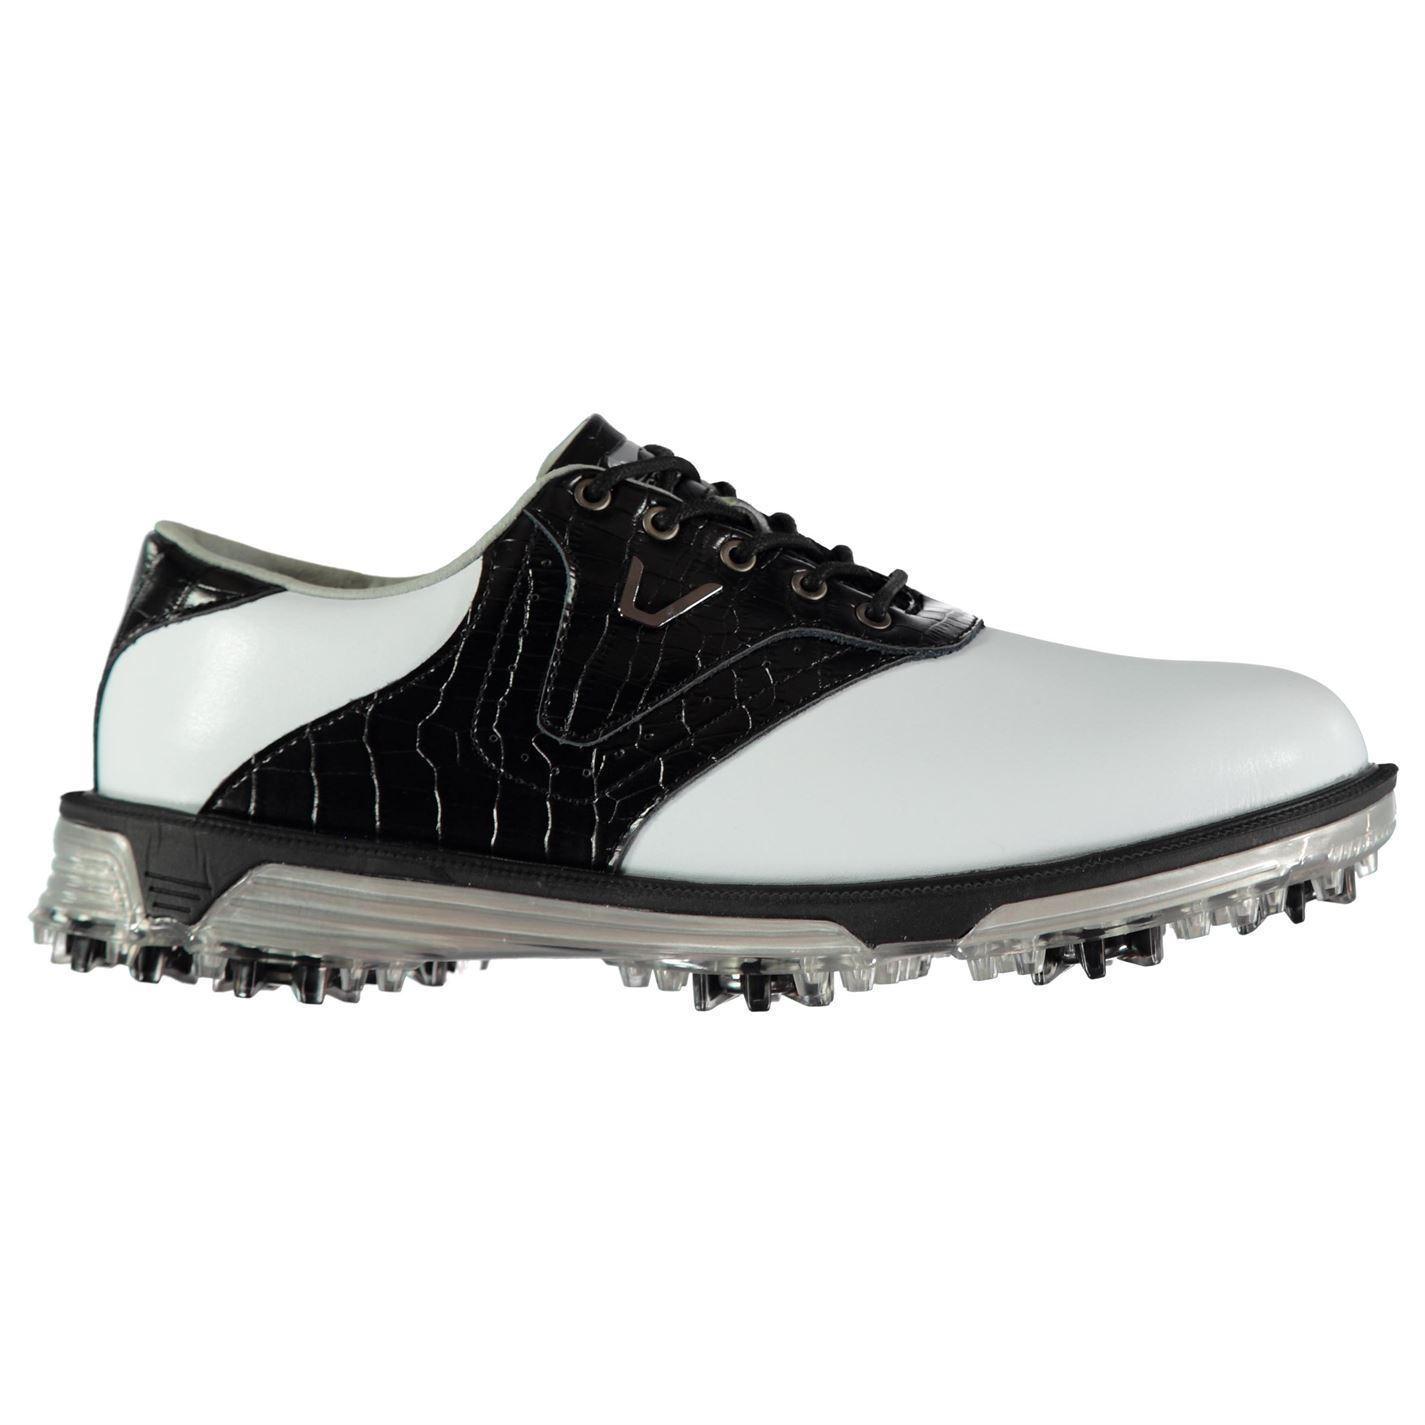 Slazenger-V500-Golf-Shoes-Mens-Spikes-Footwear thumbnail 16